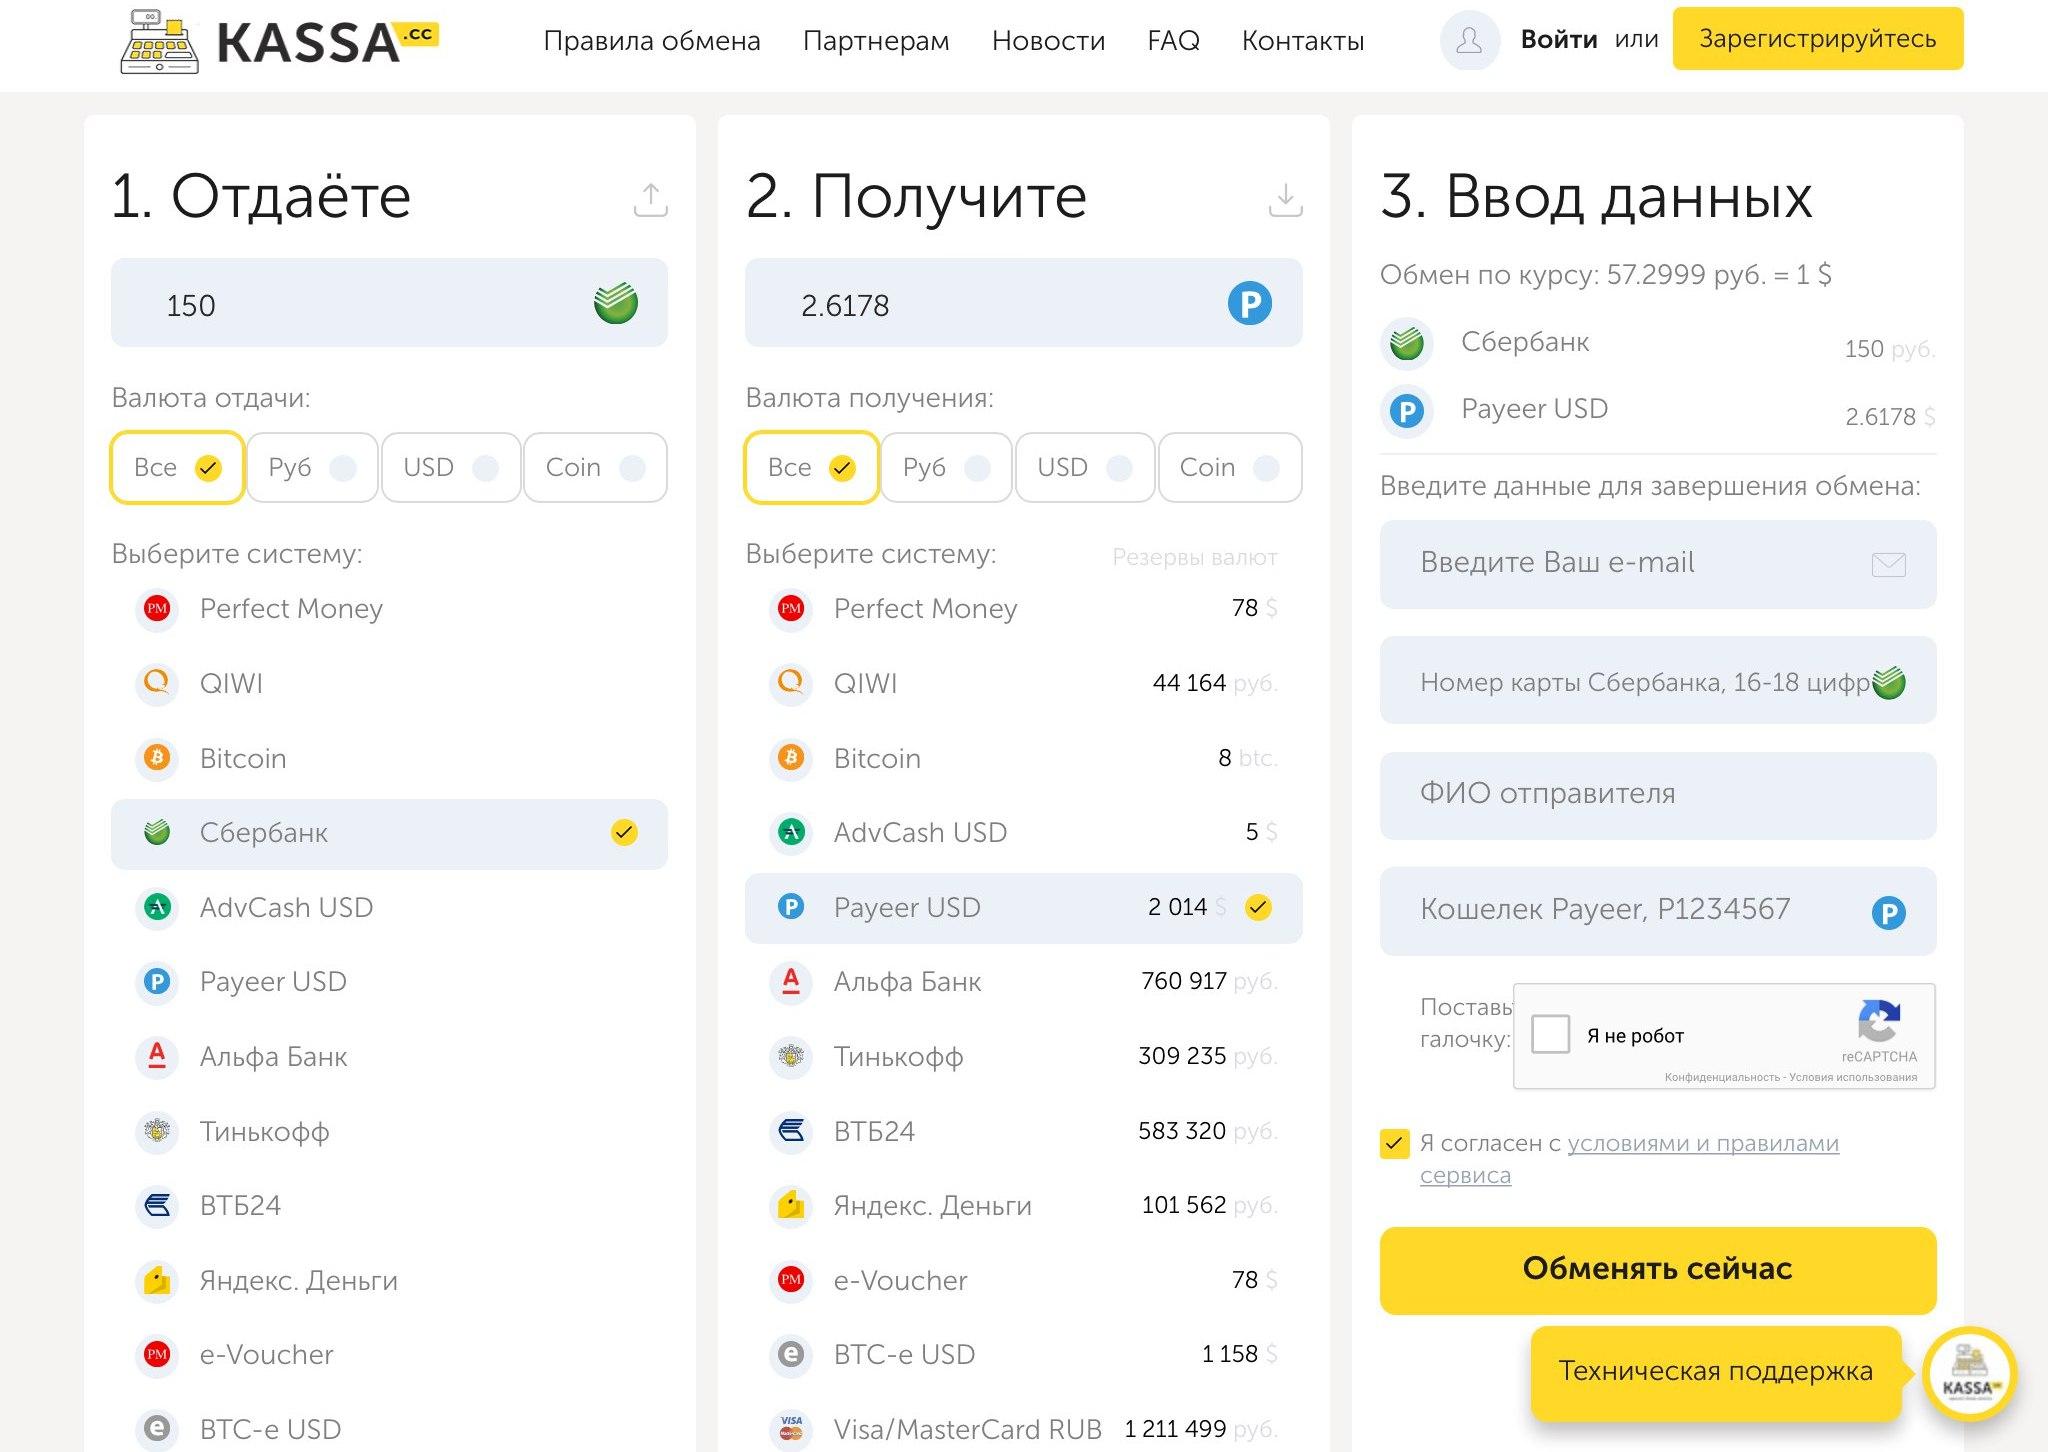 Kassa.cc - единый обмен валюты. Перевод с карты Сбербанка на Payeer USD